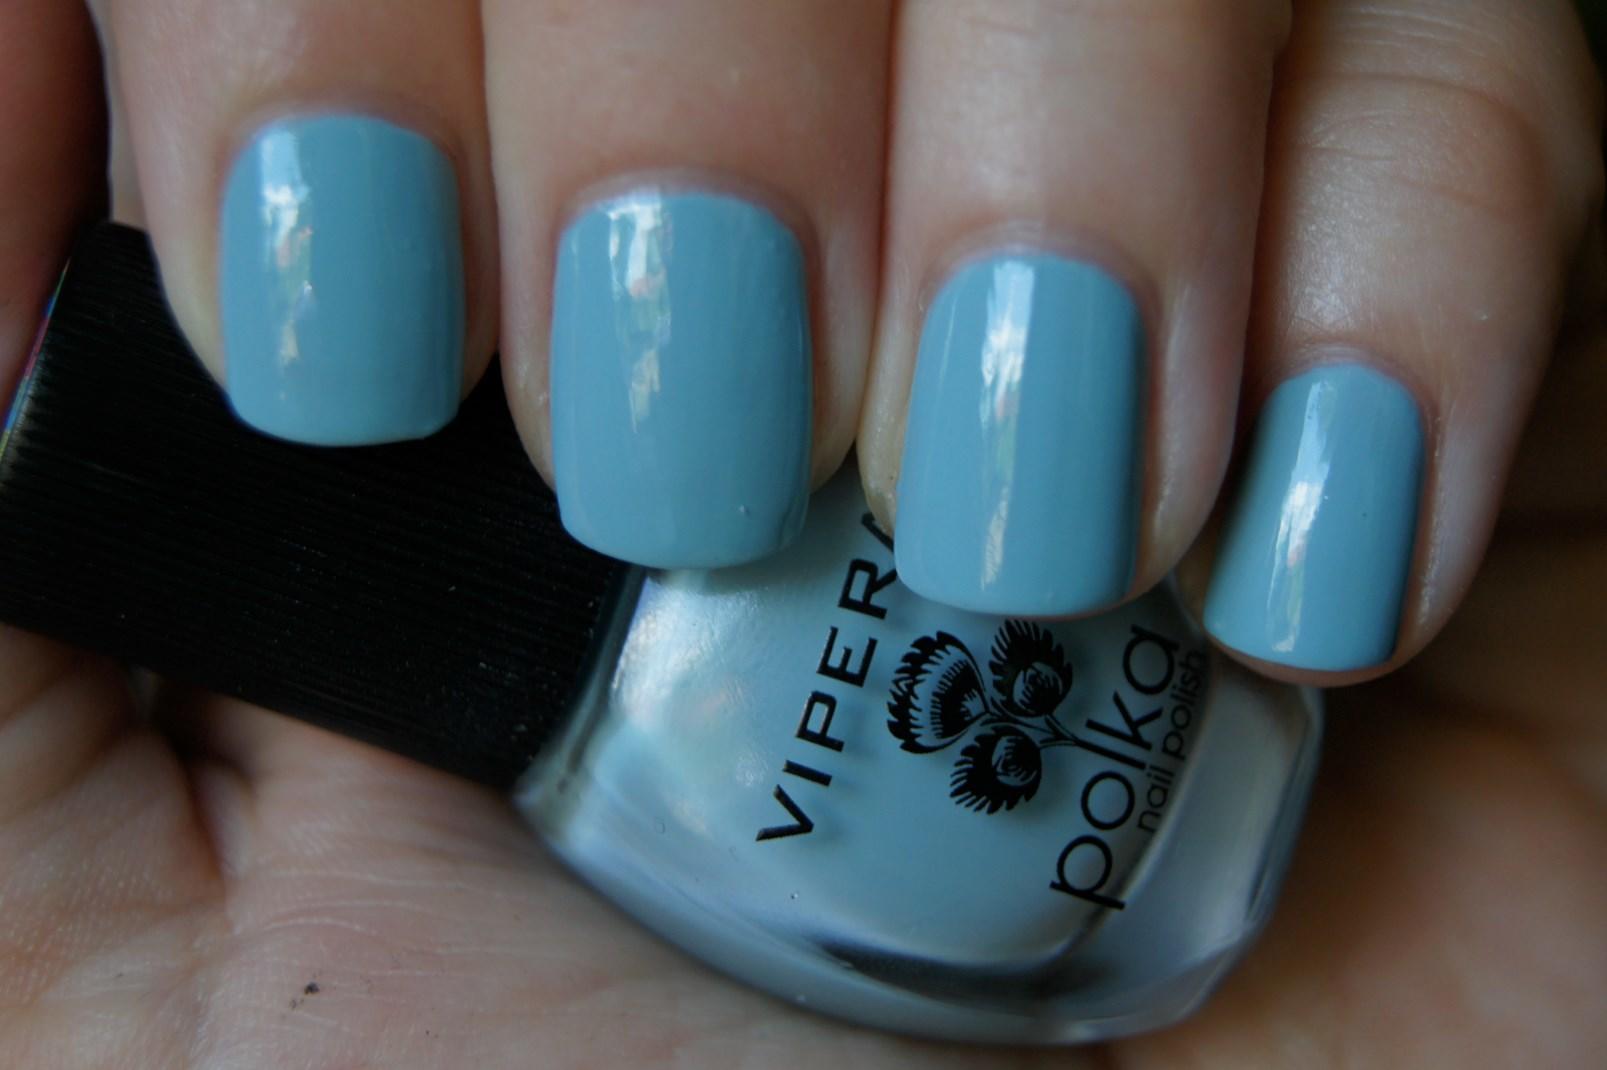 Vipera Polka Nail Polish